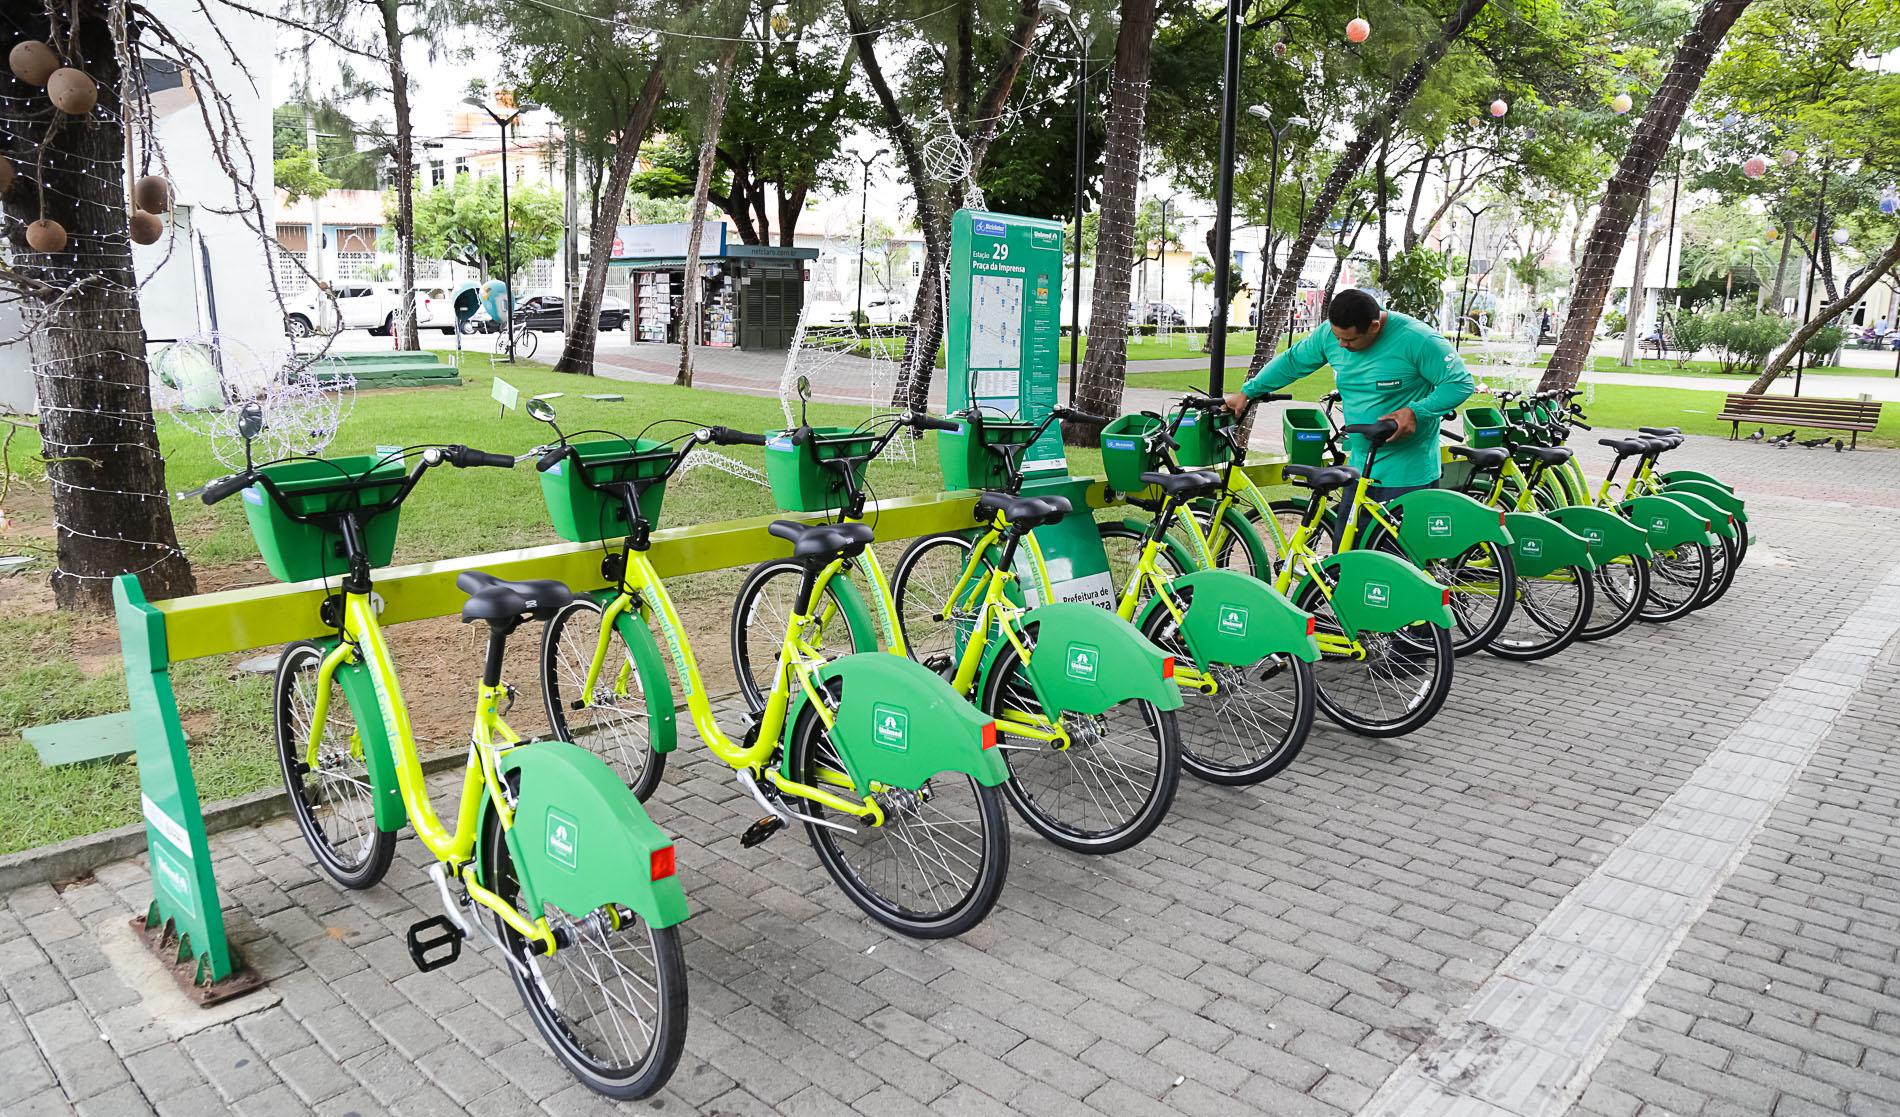 Bicicletar implanta 100 novas bicicletas, agora mais apropriadas para mulheres